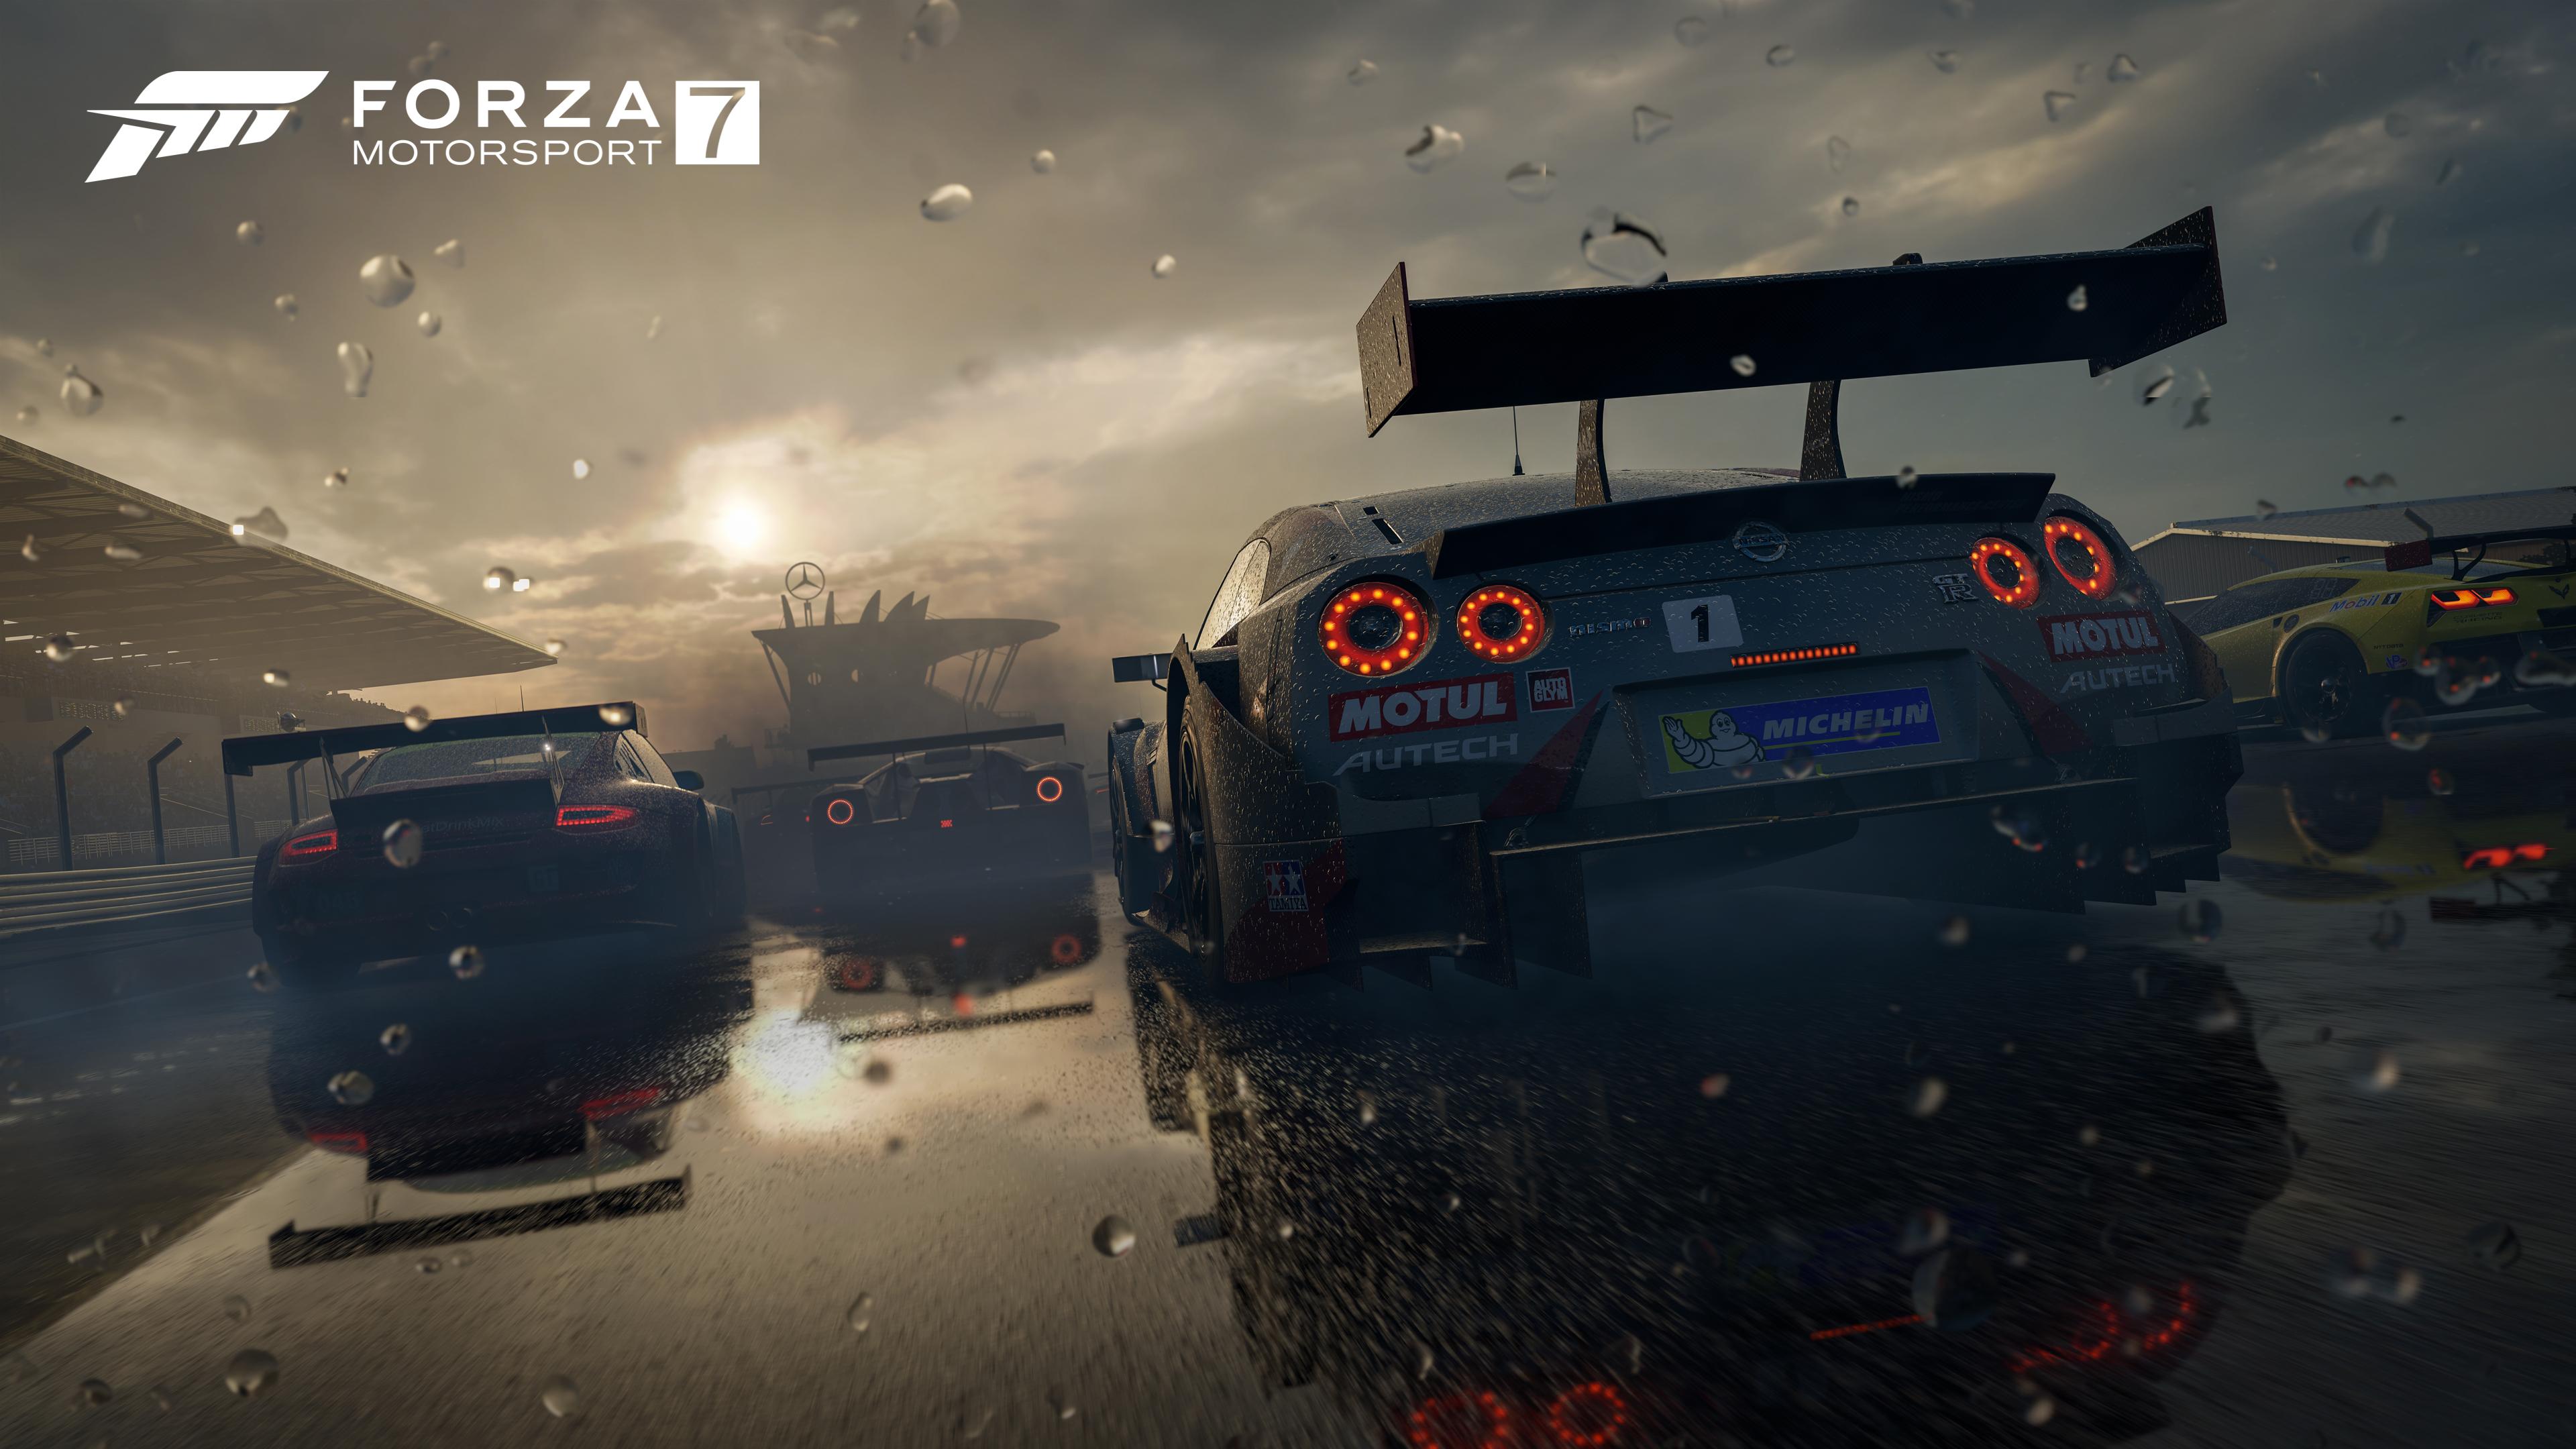 بازی Forza Motorsport 7 حجمی برابر با ۱۰۰ گیگابایت خواهد داشت!